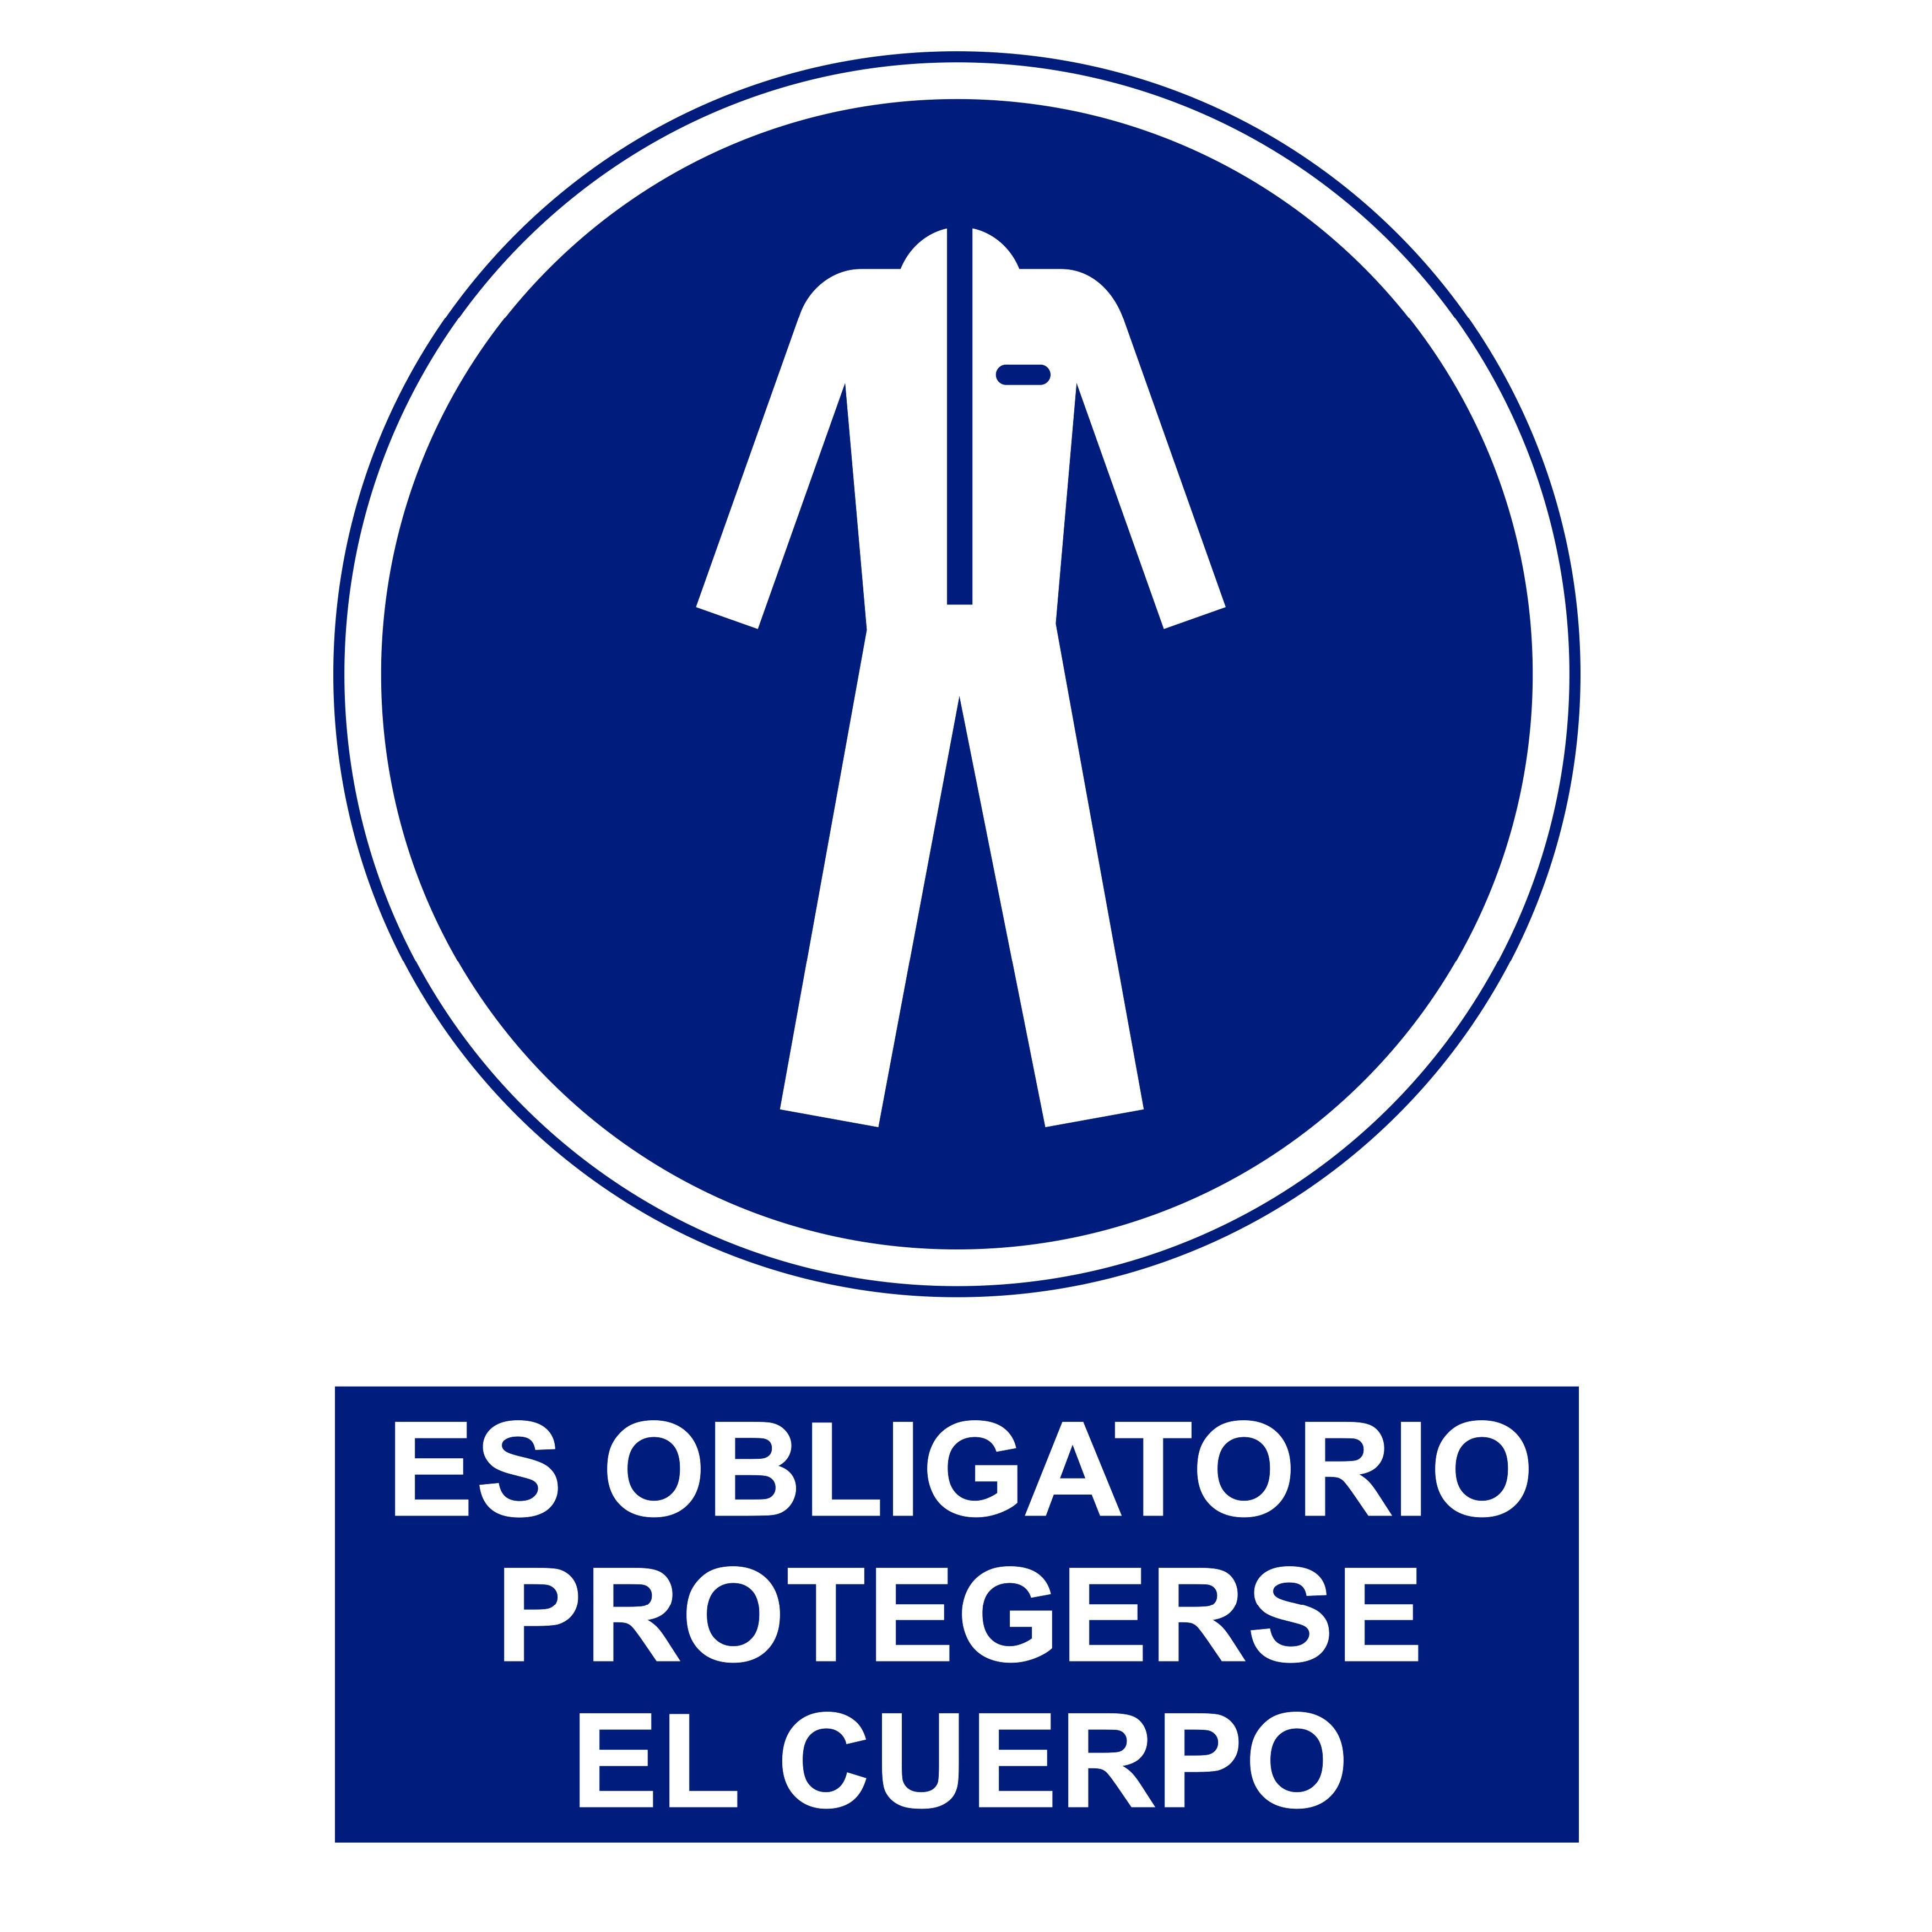 Señal ES OBLIGATORIO PROTEGERSE EL CUERPO